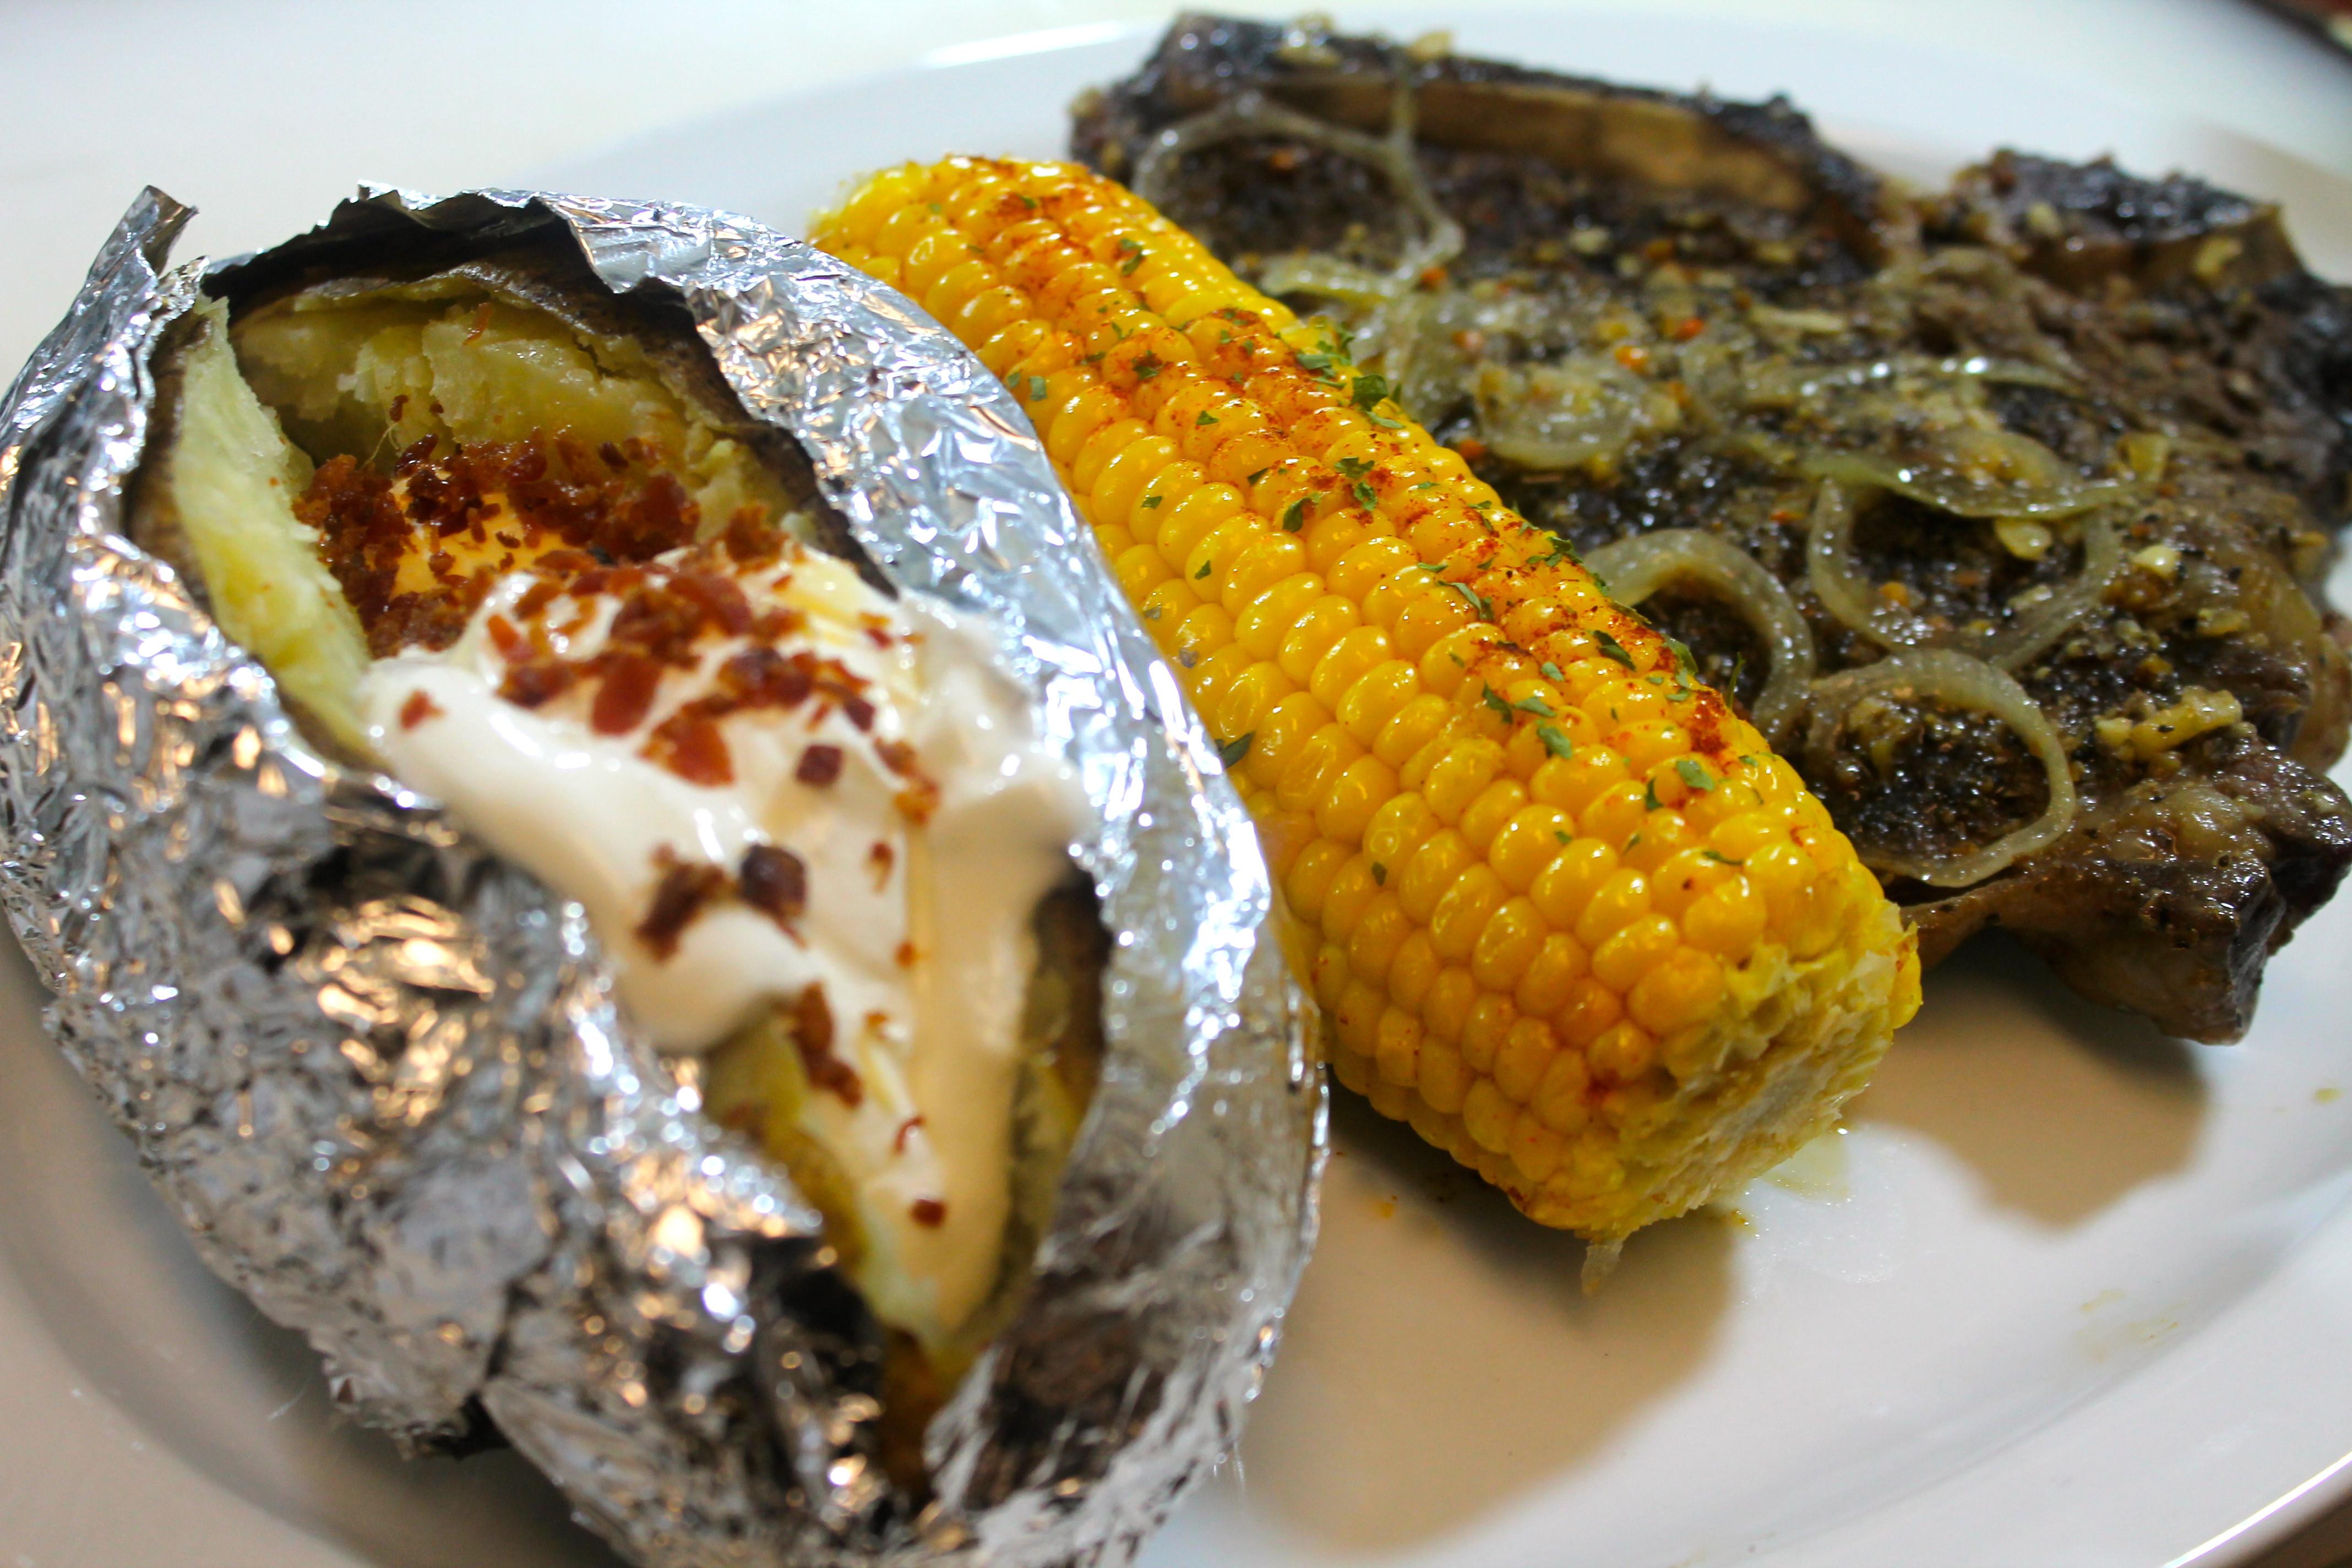 Steak Dinner Sides  Garlic Steak Dinner For Two